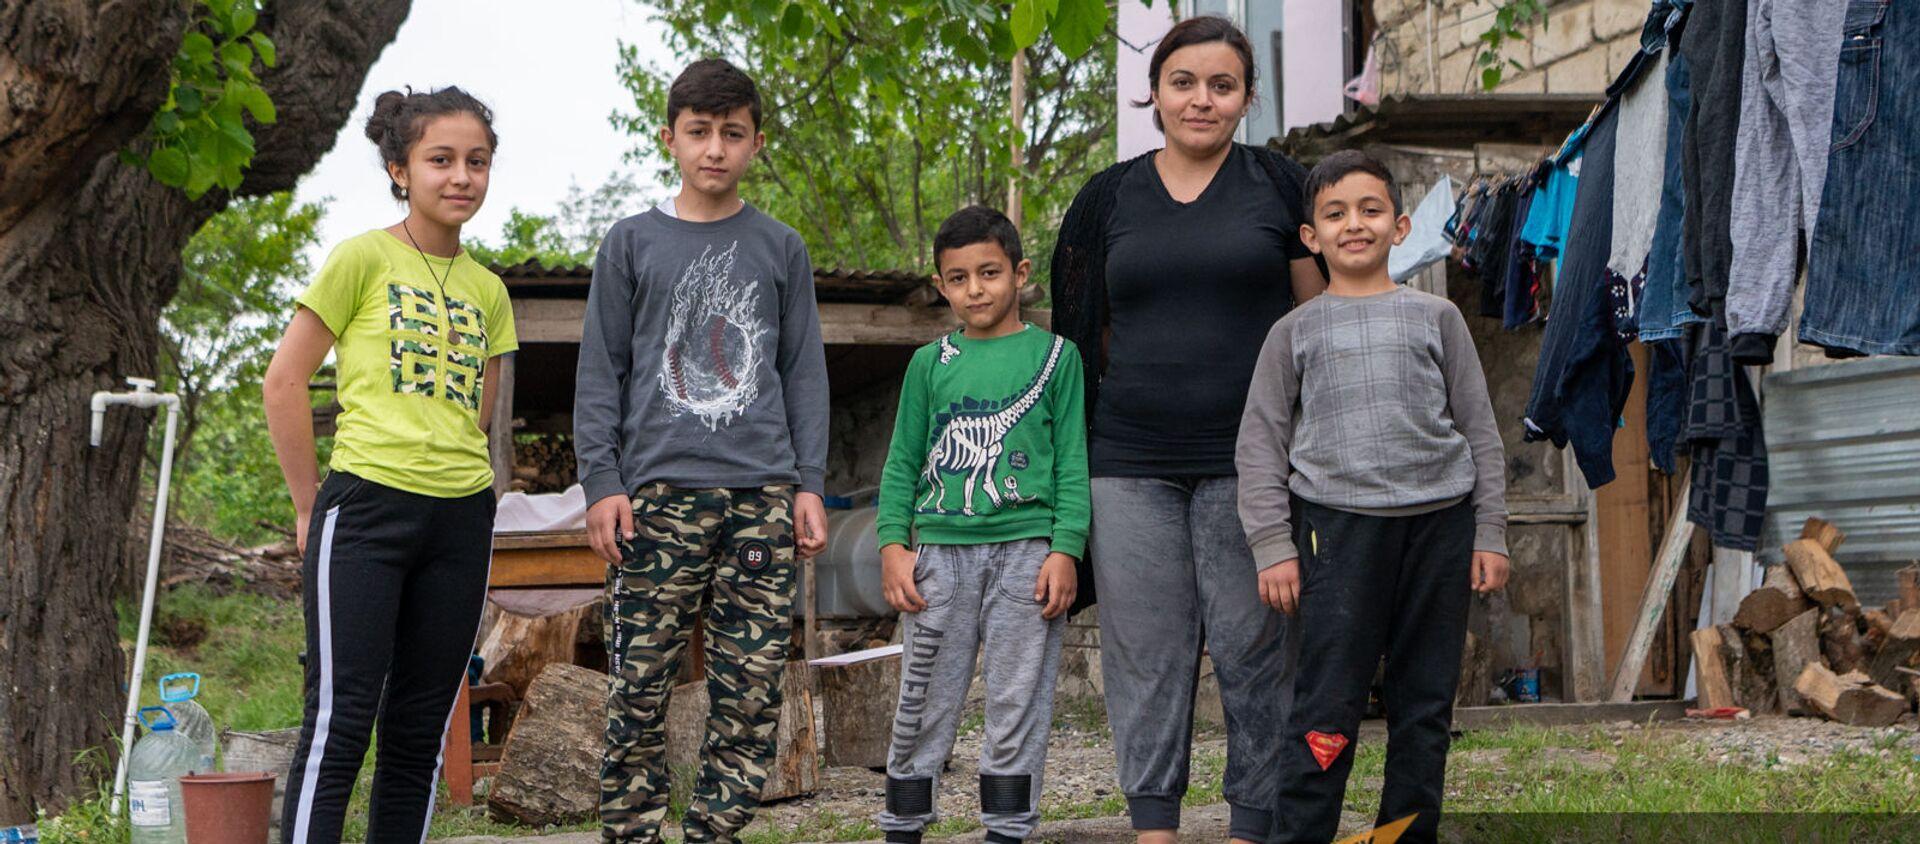 Нарине Товмасян с детьми во дворе арендованного доме в Аскеране - Sputnik Արմենիա, 1920, 18.05.2021